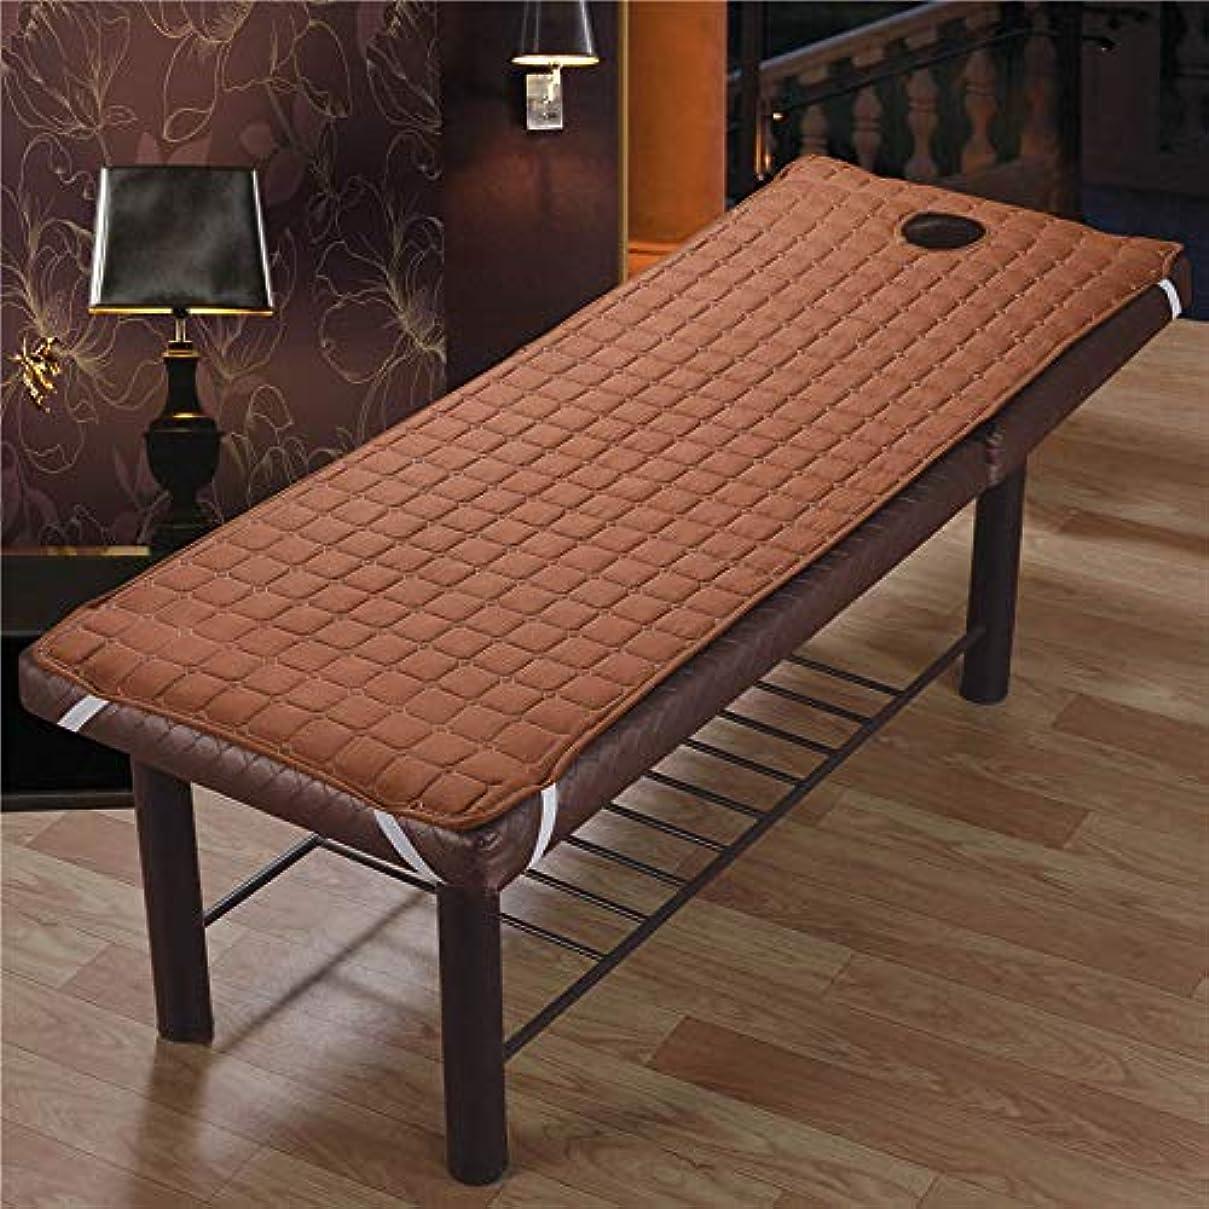 レンダーファントム解読するCoolTack  美容院のマッサージ療法のベッドのための滑り止めのSoliod色の長方形のマットレス